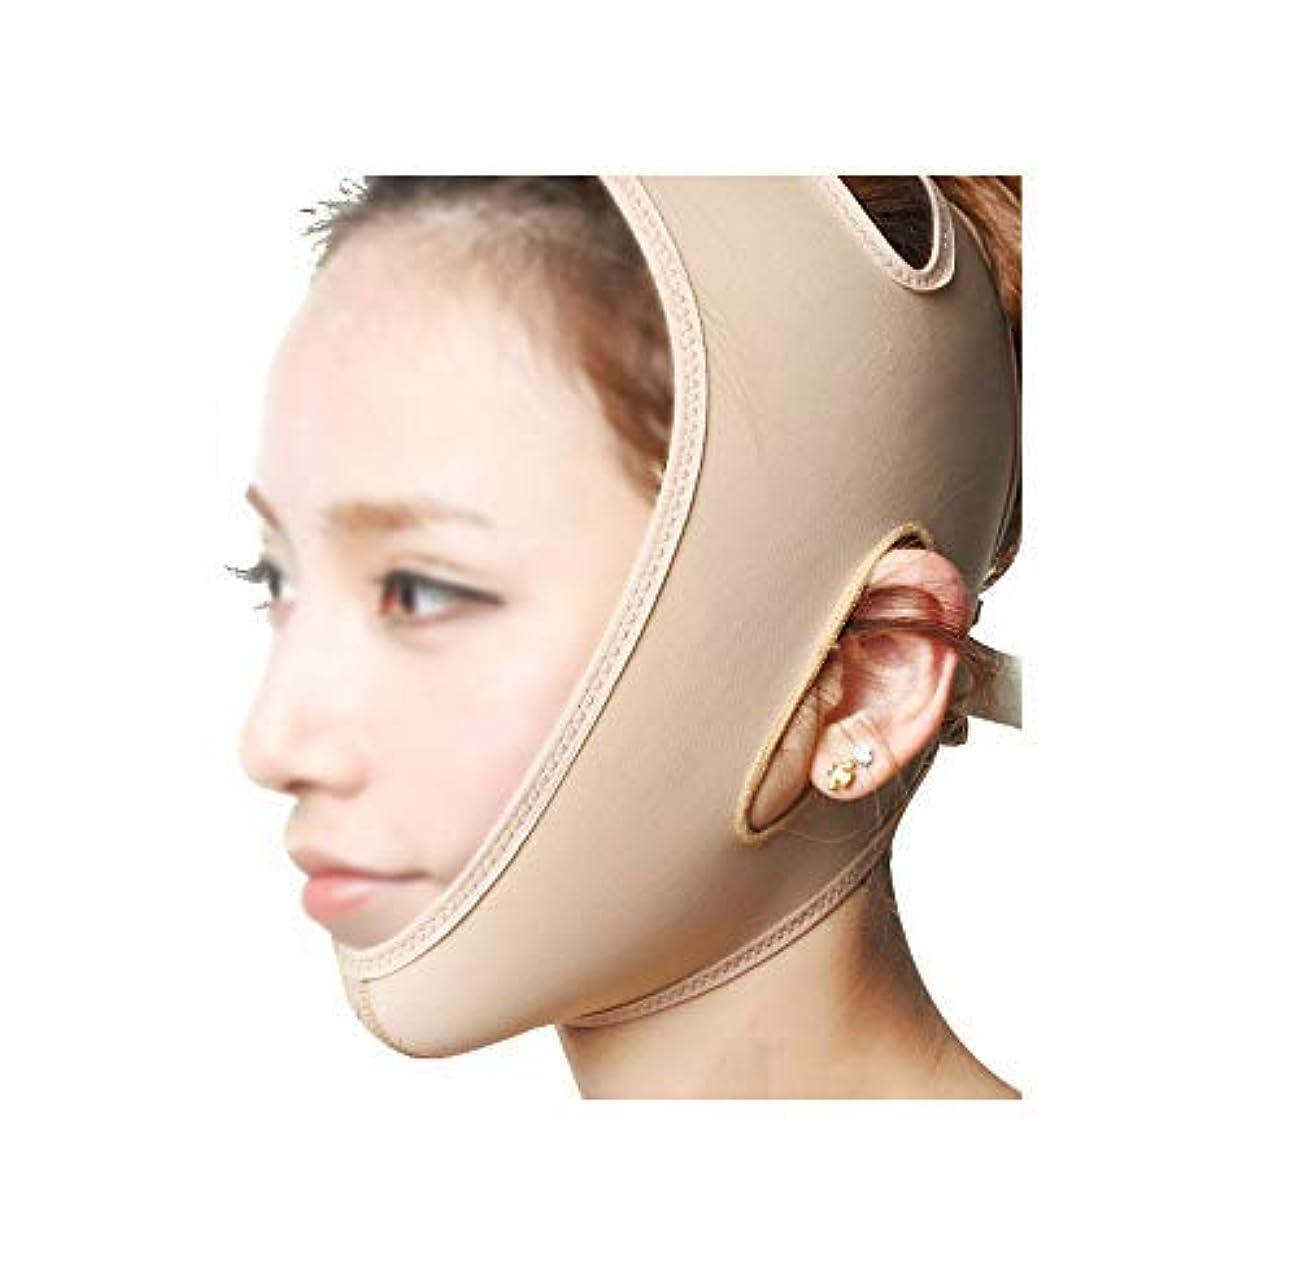 中間外出プレミアムフェイスリフティングバンデージ、フェイスマスク3Dパネルデザイン、通気性に優れたライクラ素材の物理的なVフェイス、美しい顔の輪郭の作成(サイズ:S),M